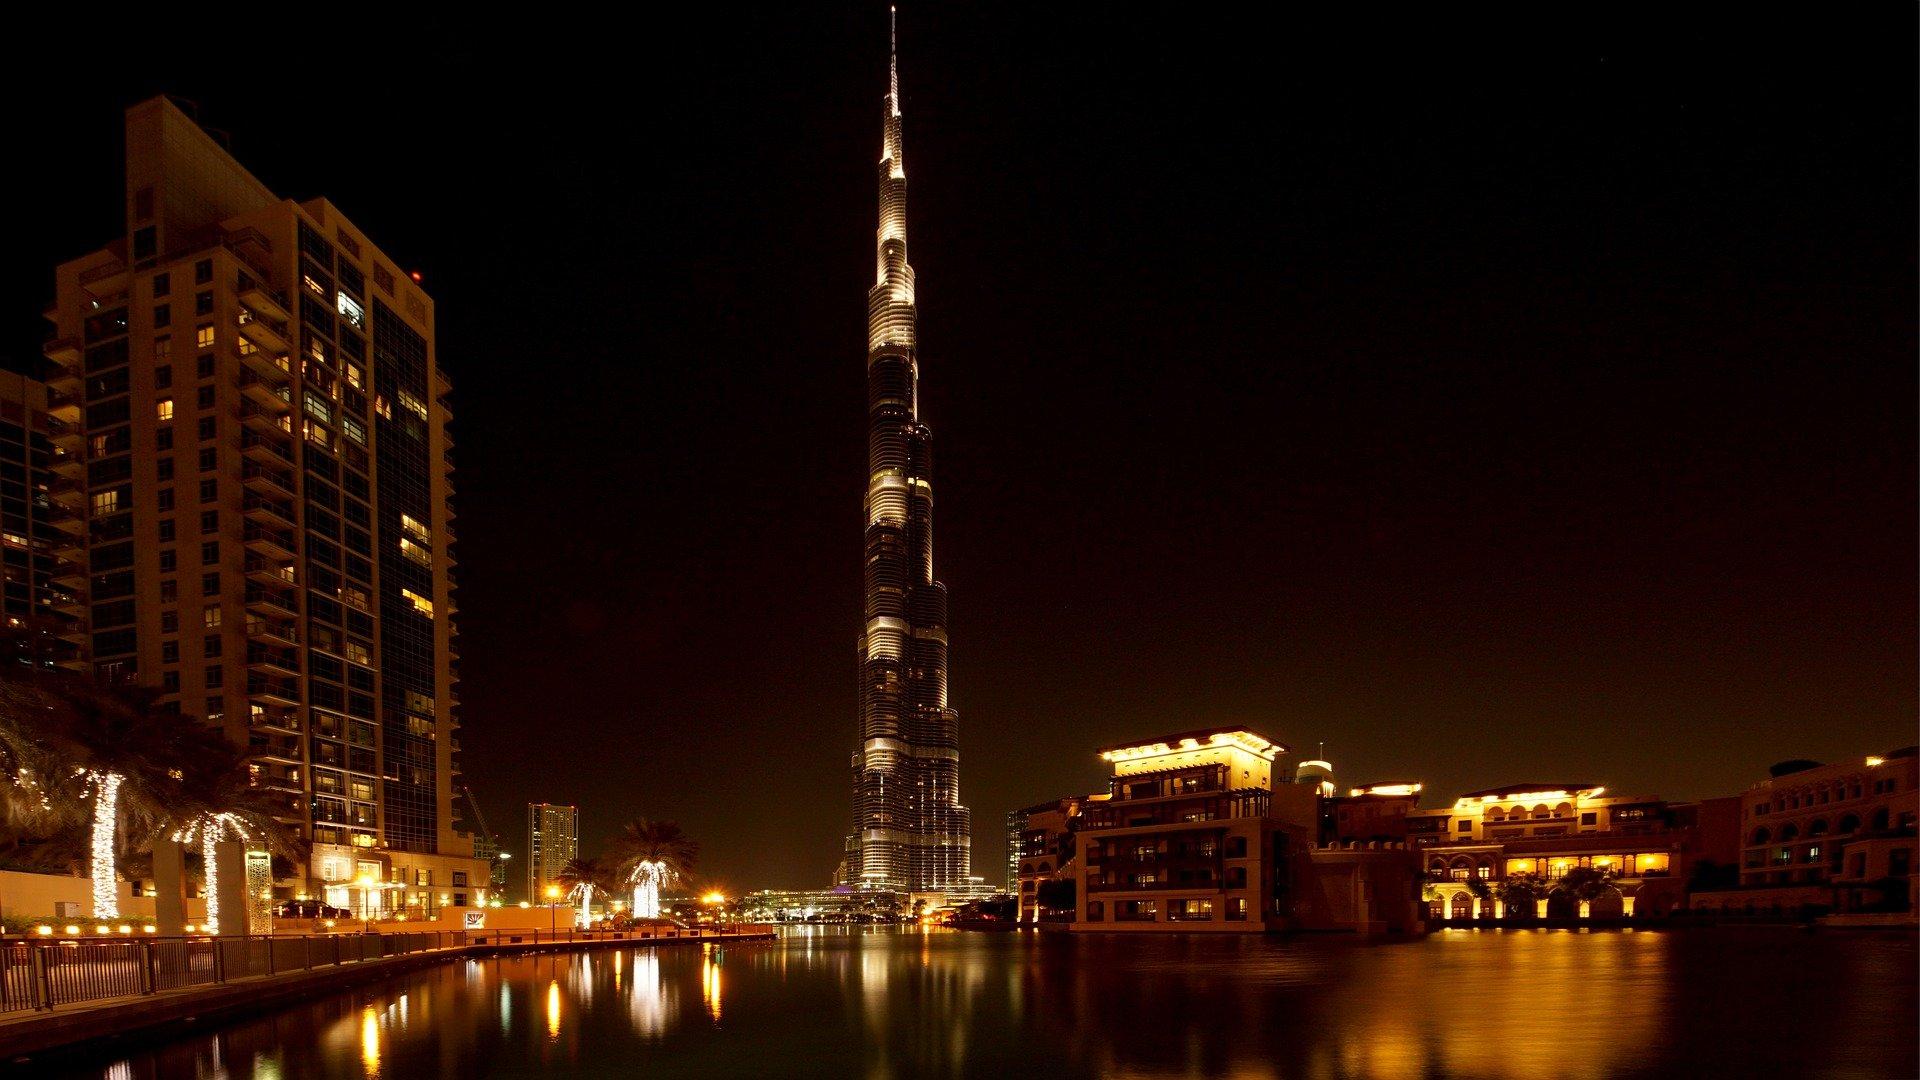 يورو نيوز: الاقتصاد الإبداعي خطة دبي الطموحة بحلول 2025